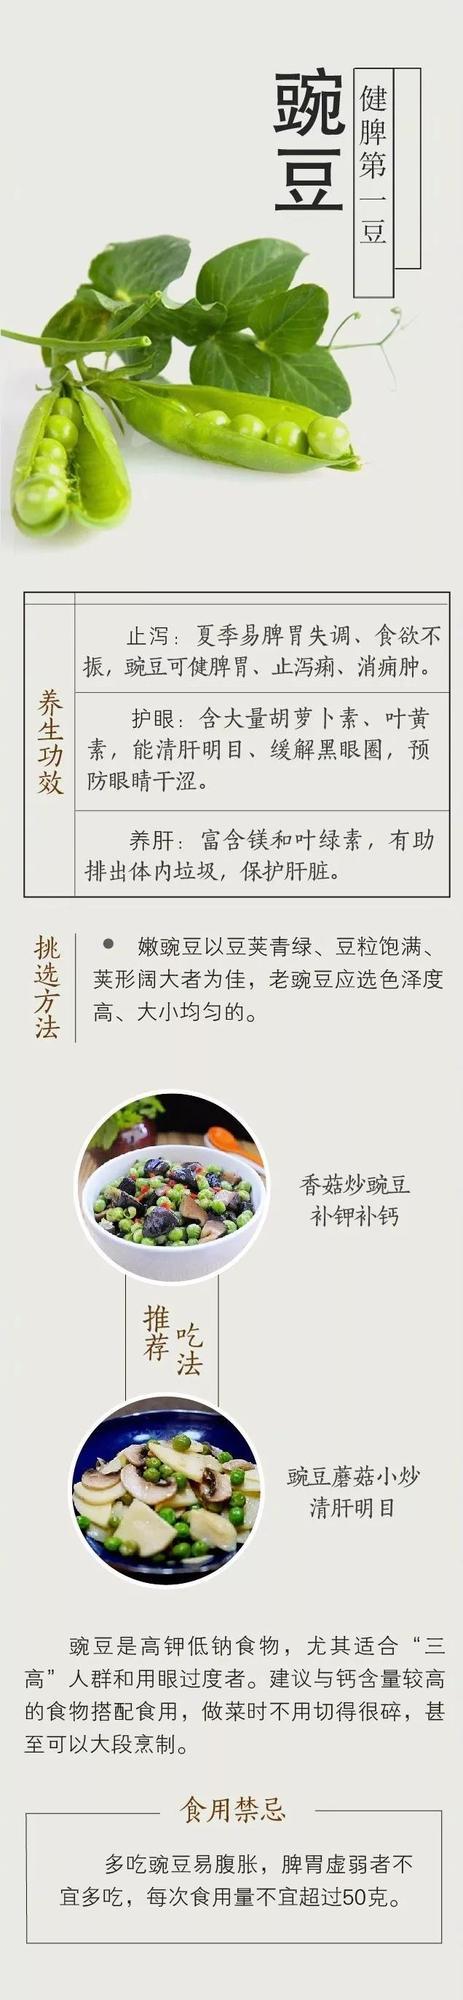 夏吃豆,�俪匀猓�6�N豆跟夏天是�^配